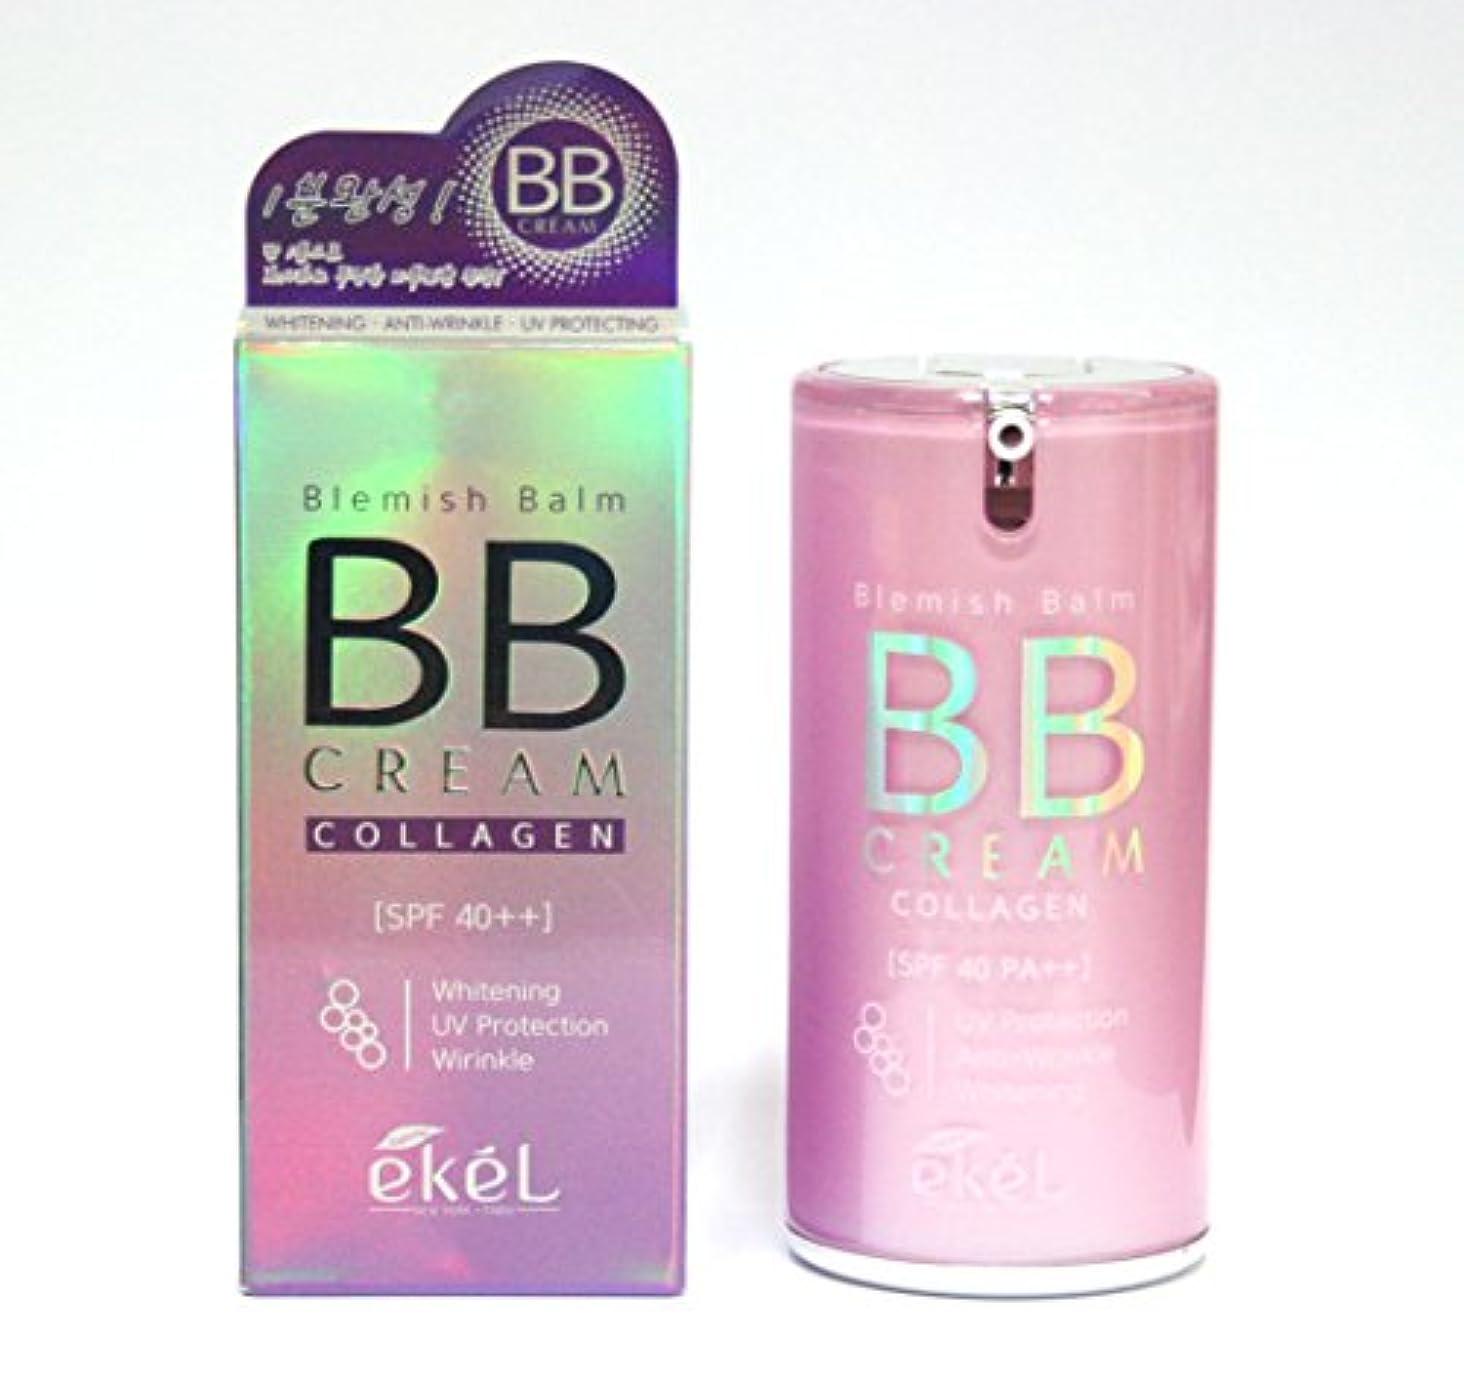 チャーム最小化する見ました[EKEL] ブレミッシュバームコラーゲンBBクリーム50g / Blemish Balm Collagen BB Cream 50g /ホワイトニング、UV保護、しわ / whitening, uv protection...